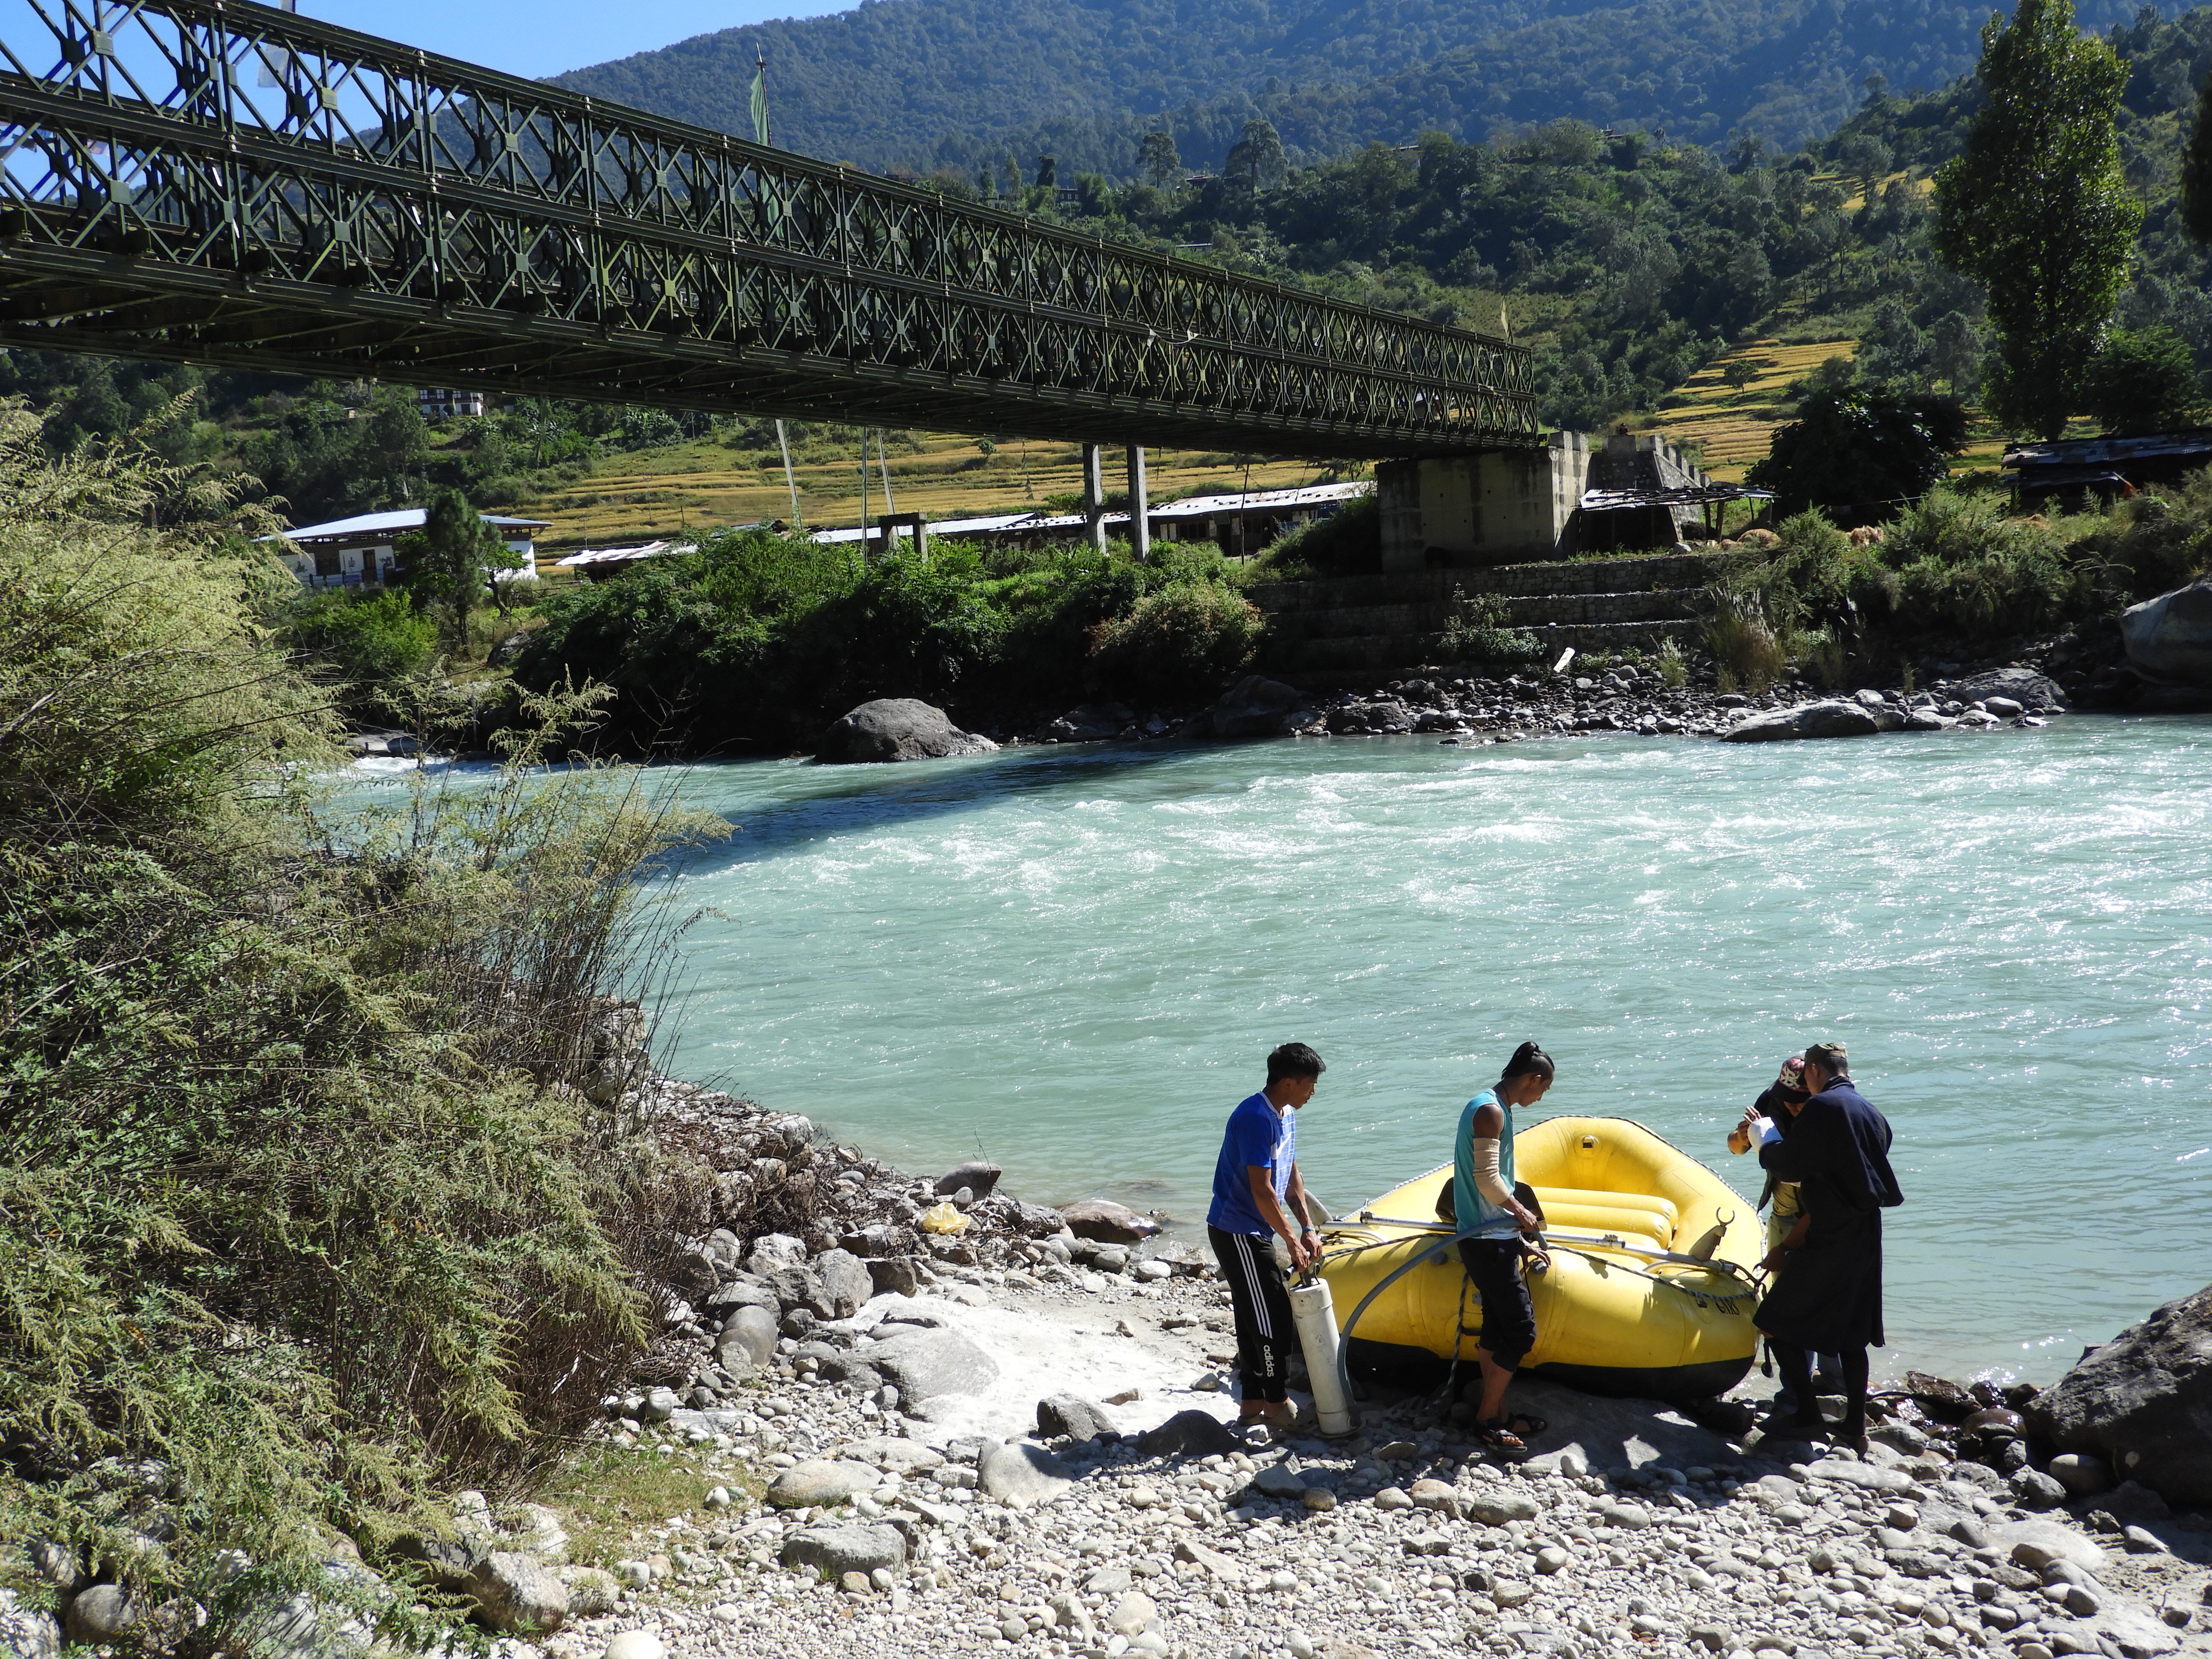 Landing the raft